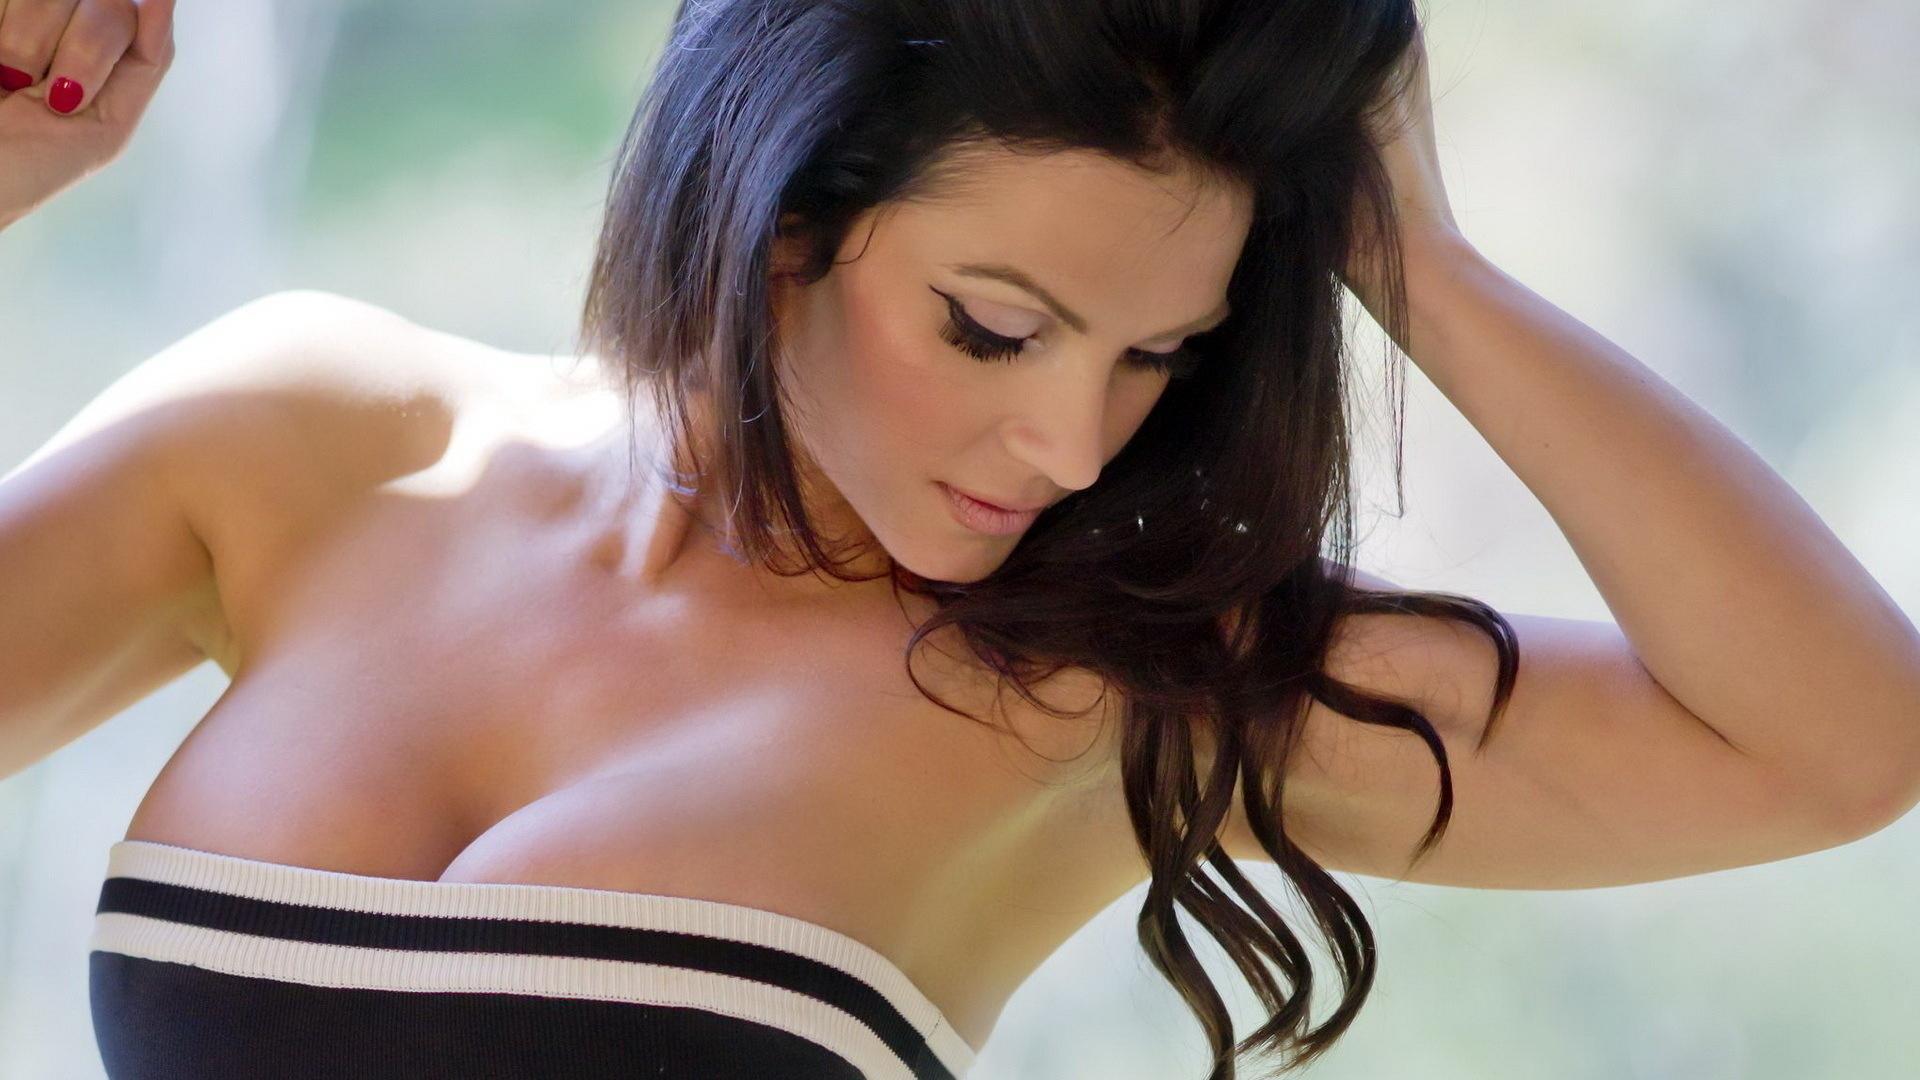 Телки с большие сиски смотреть онлайн, Порно с большими сиськами онлайн бесплатно 19 фотография